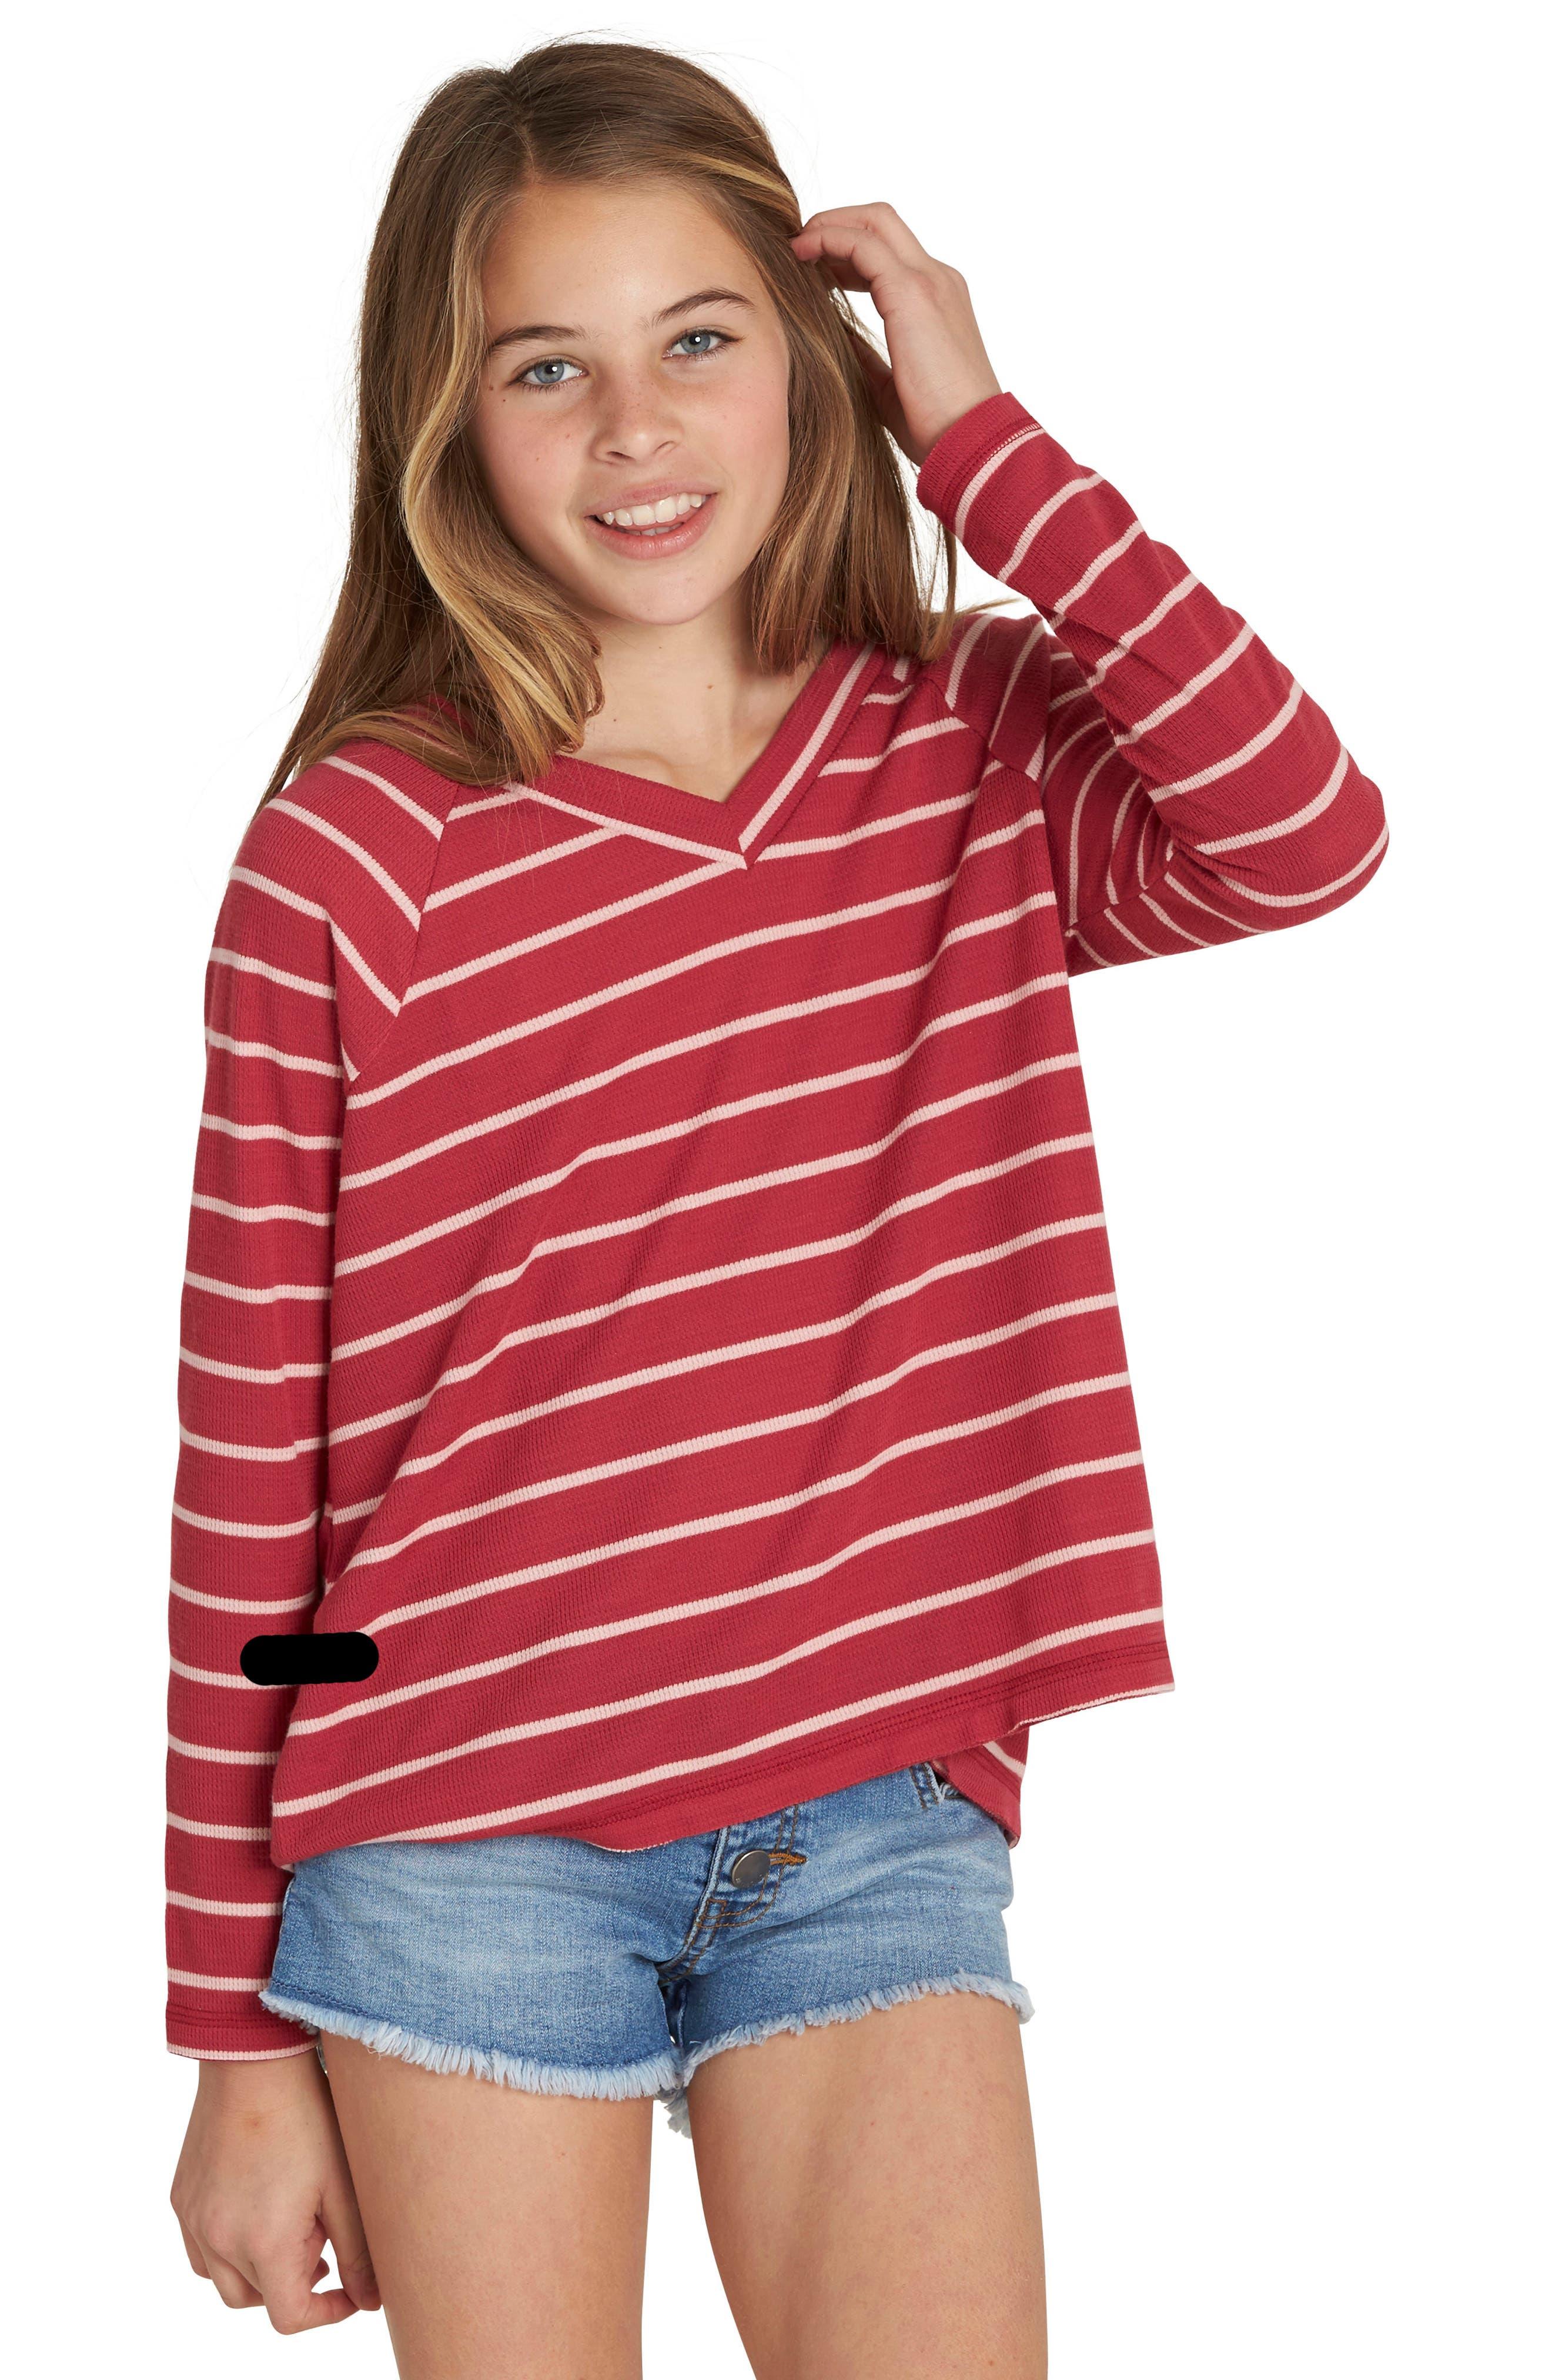 Main Image - Billabong Ocean Tides Waffle Knit Tee (Little Girls & Big Girls)